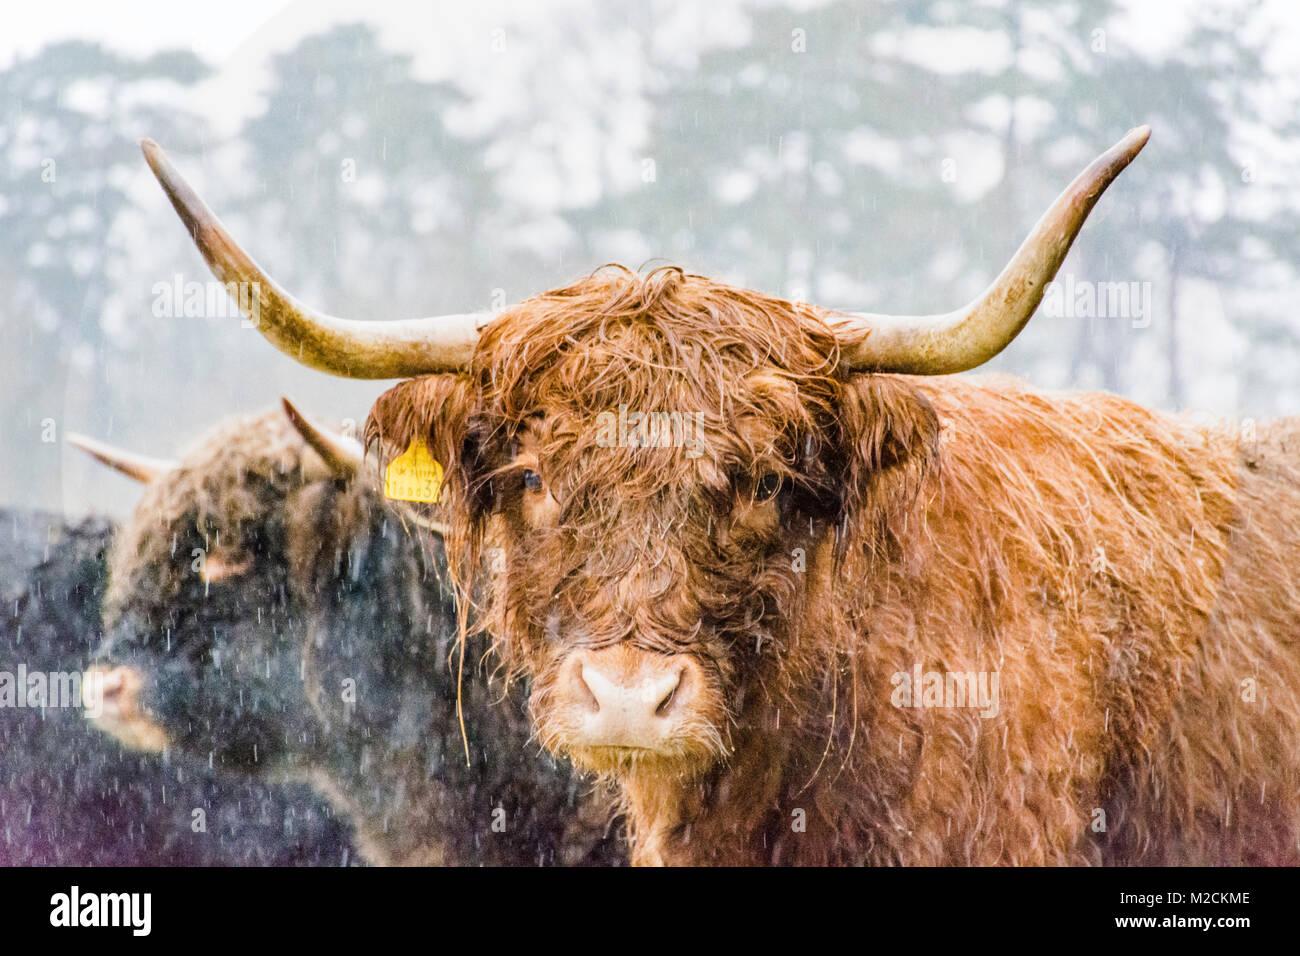 Un altiplano vaca durante el invierno Foto de stock